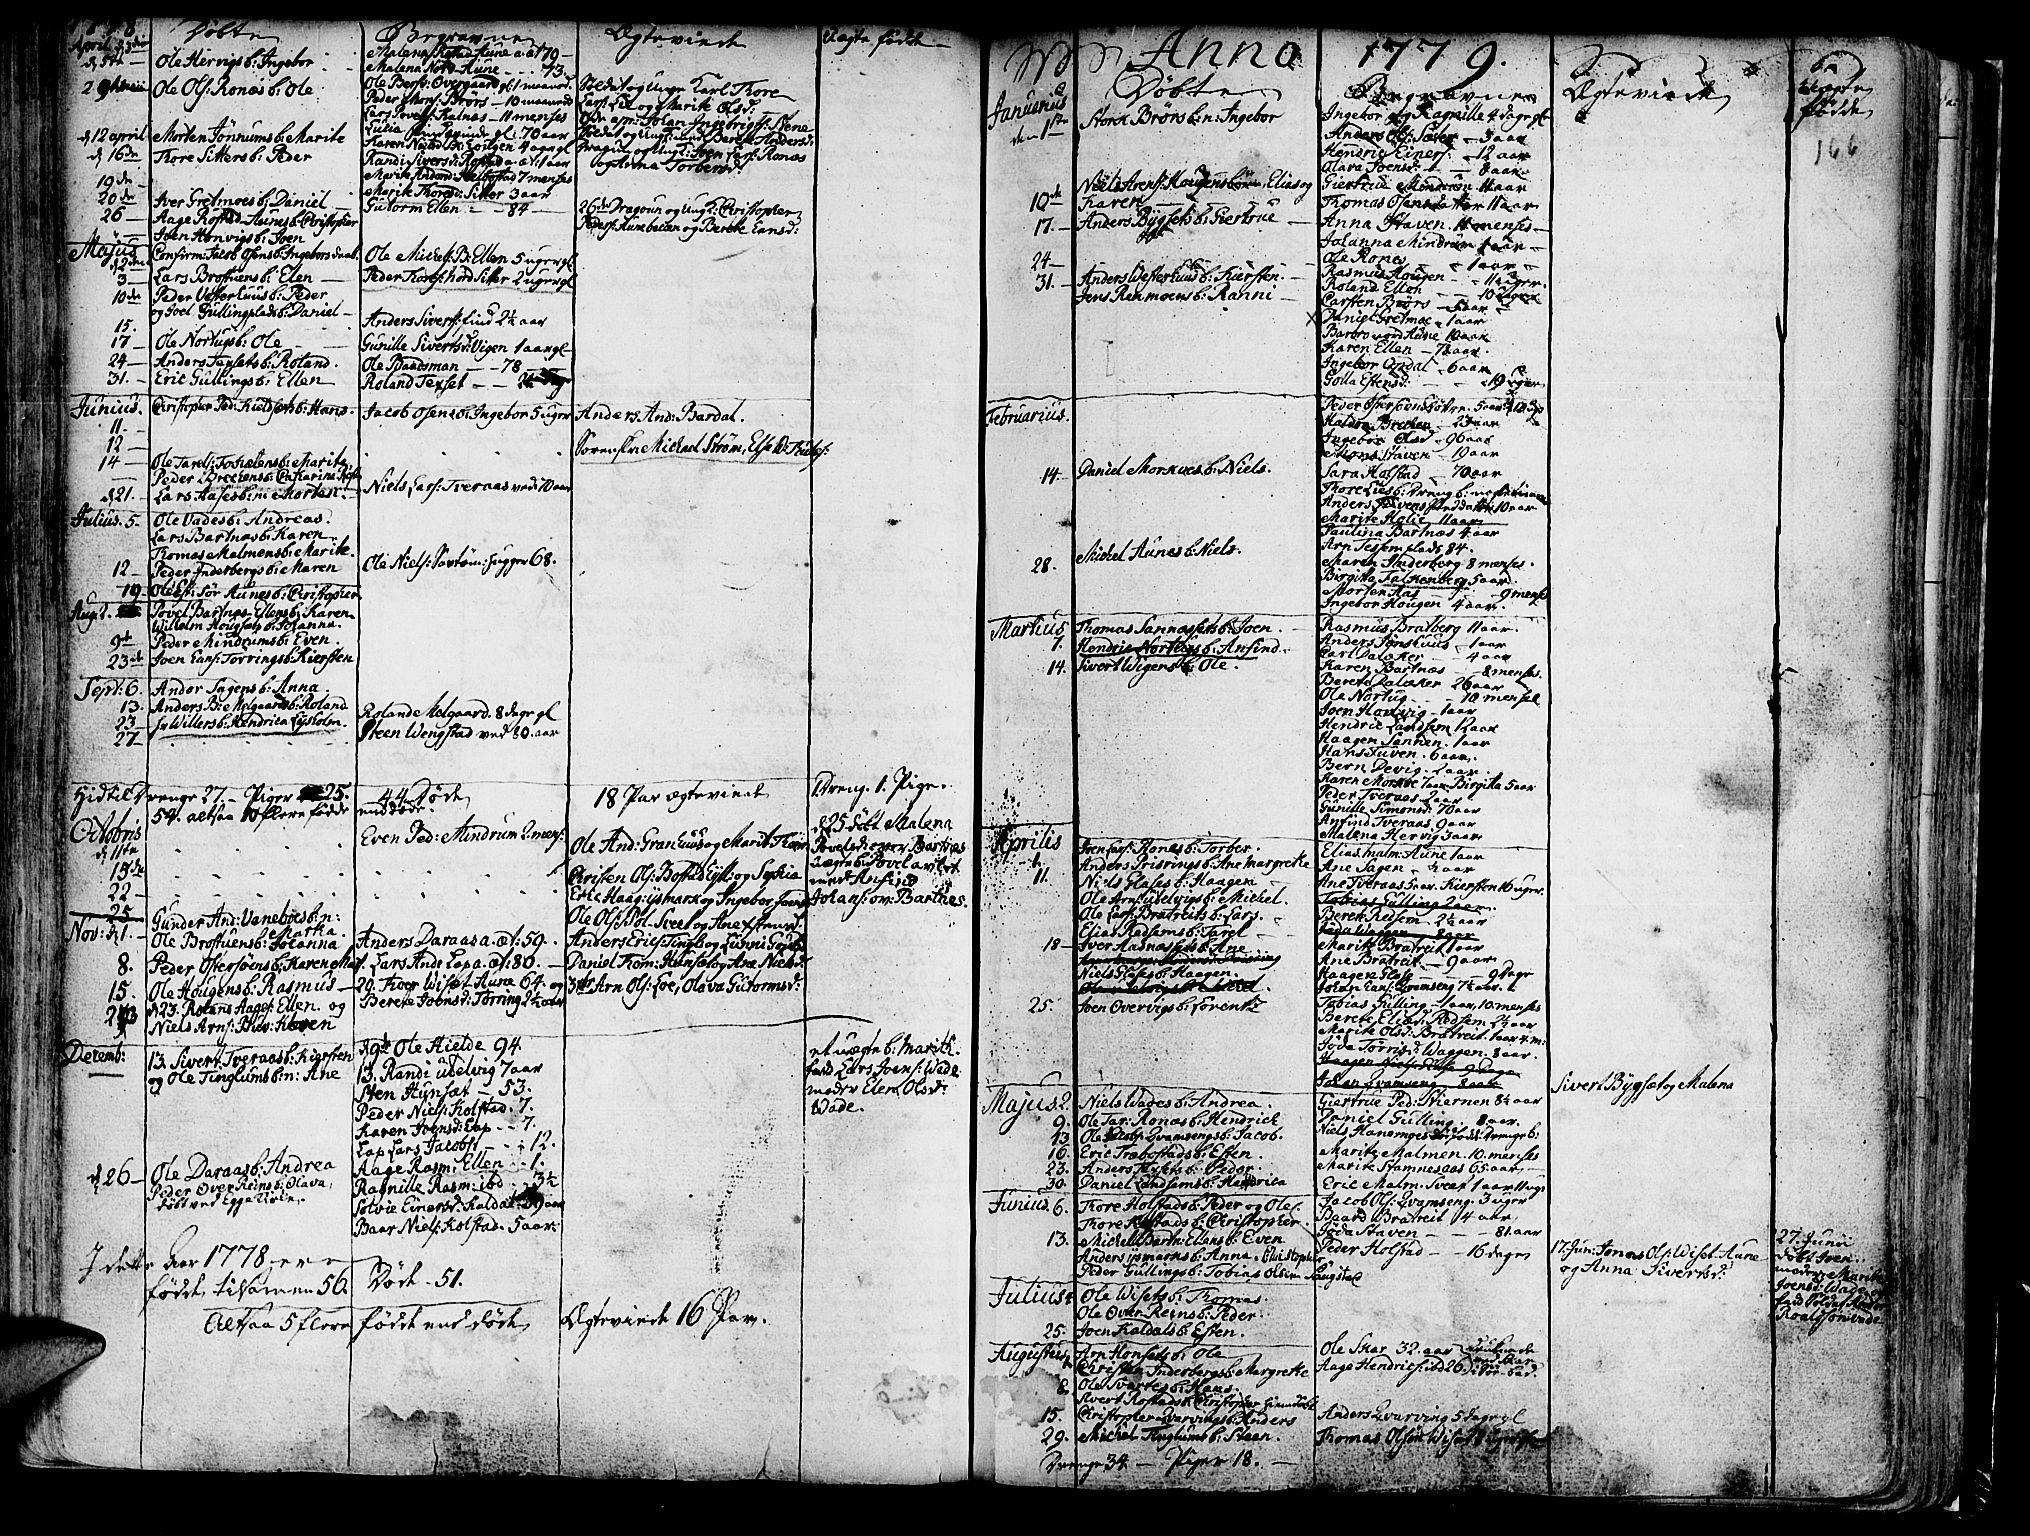 SAT, Ministerialprotokoller, klokkerbøker og fødselsregistre - Nord-Trøndelag, 741/L0385: Ministerialbok nr. 741A01, 1722-1815, s. 166